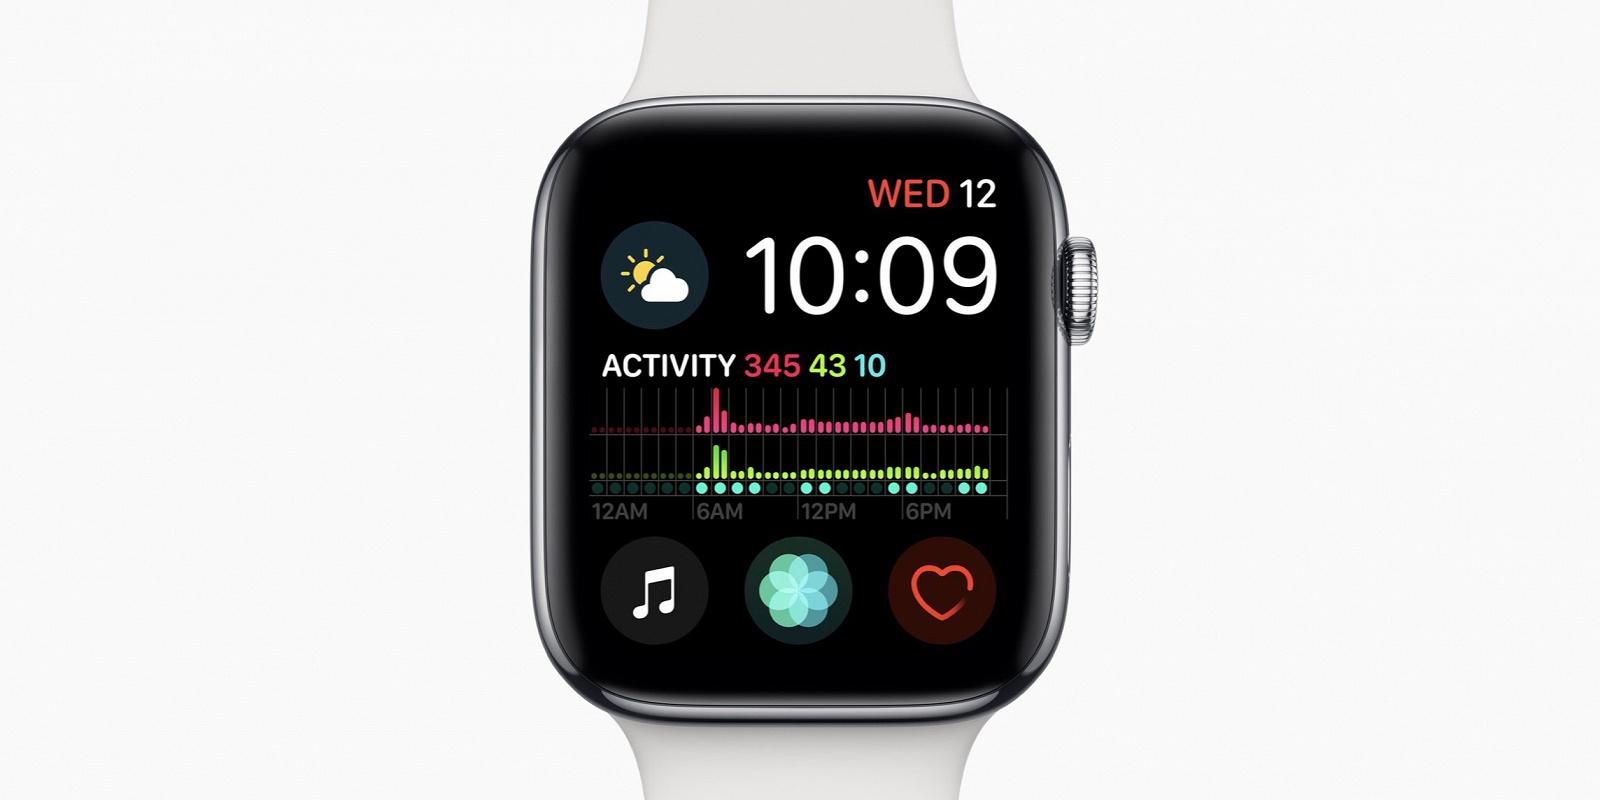 Почему Apple Watch Series 4 отказываются заряжаться и уходят в цикличную перезагрузку - фото 2 | Сервисный центр Total Apple